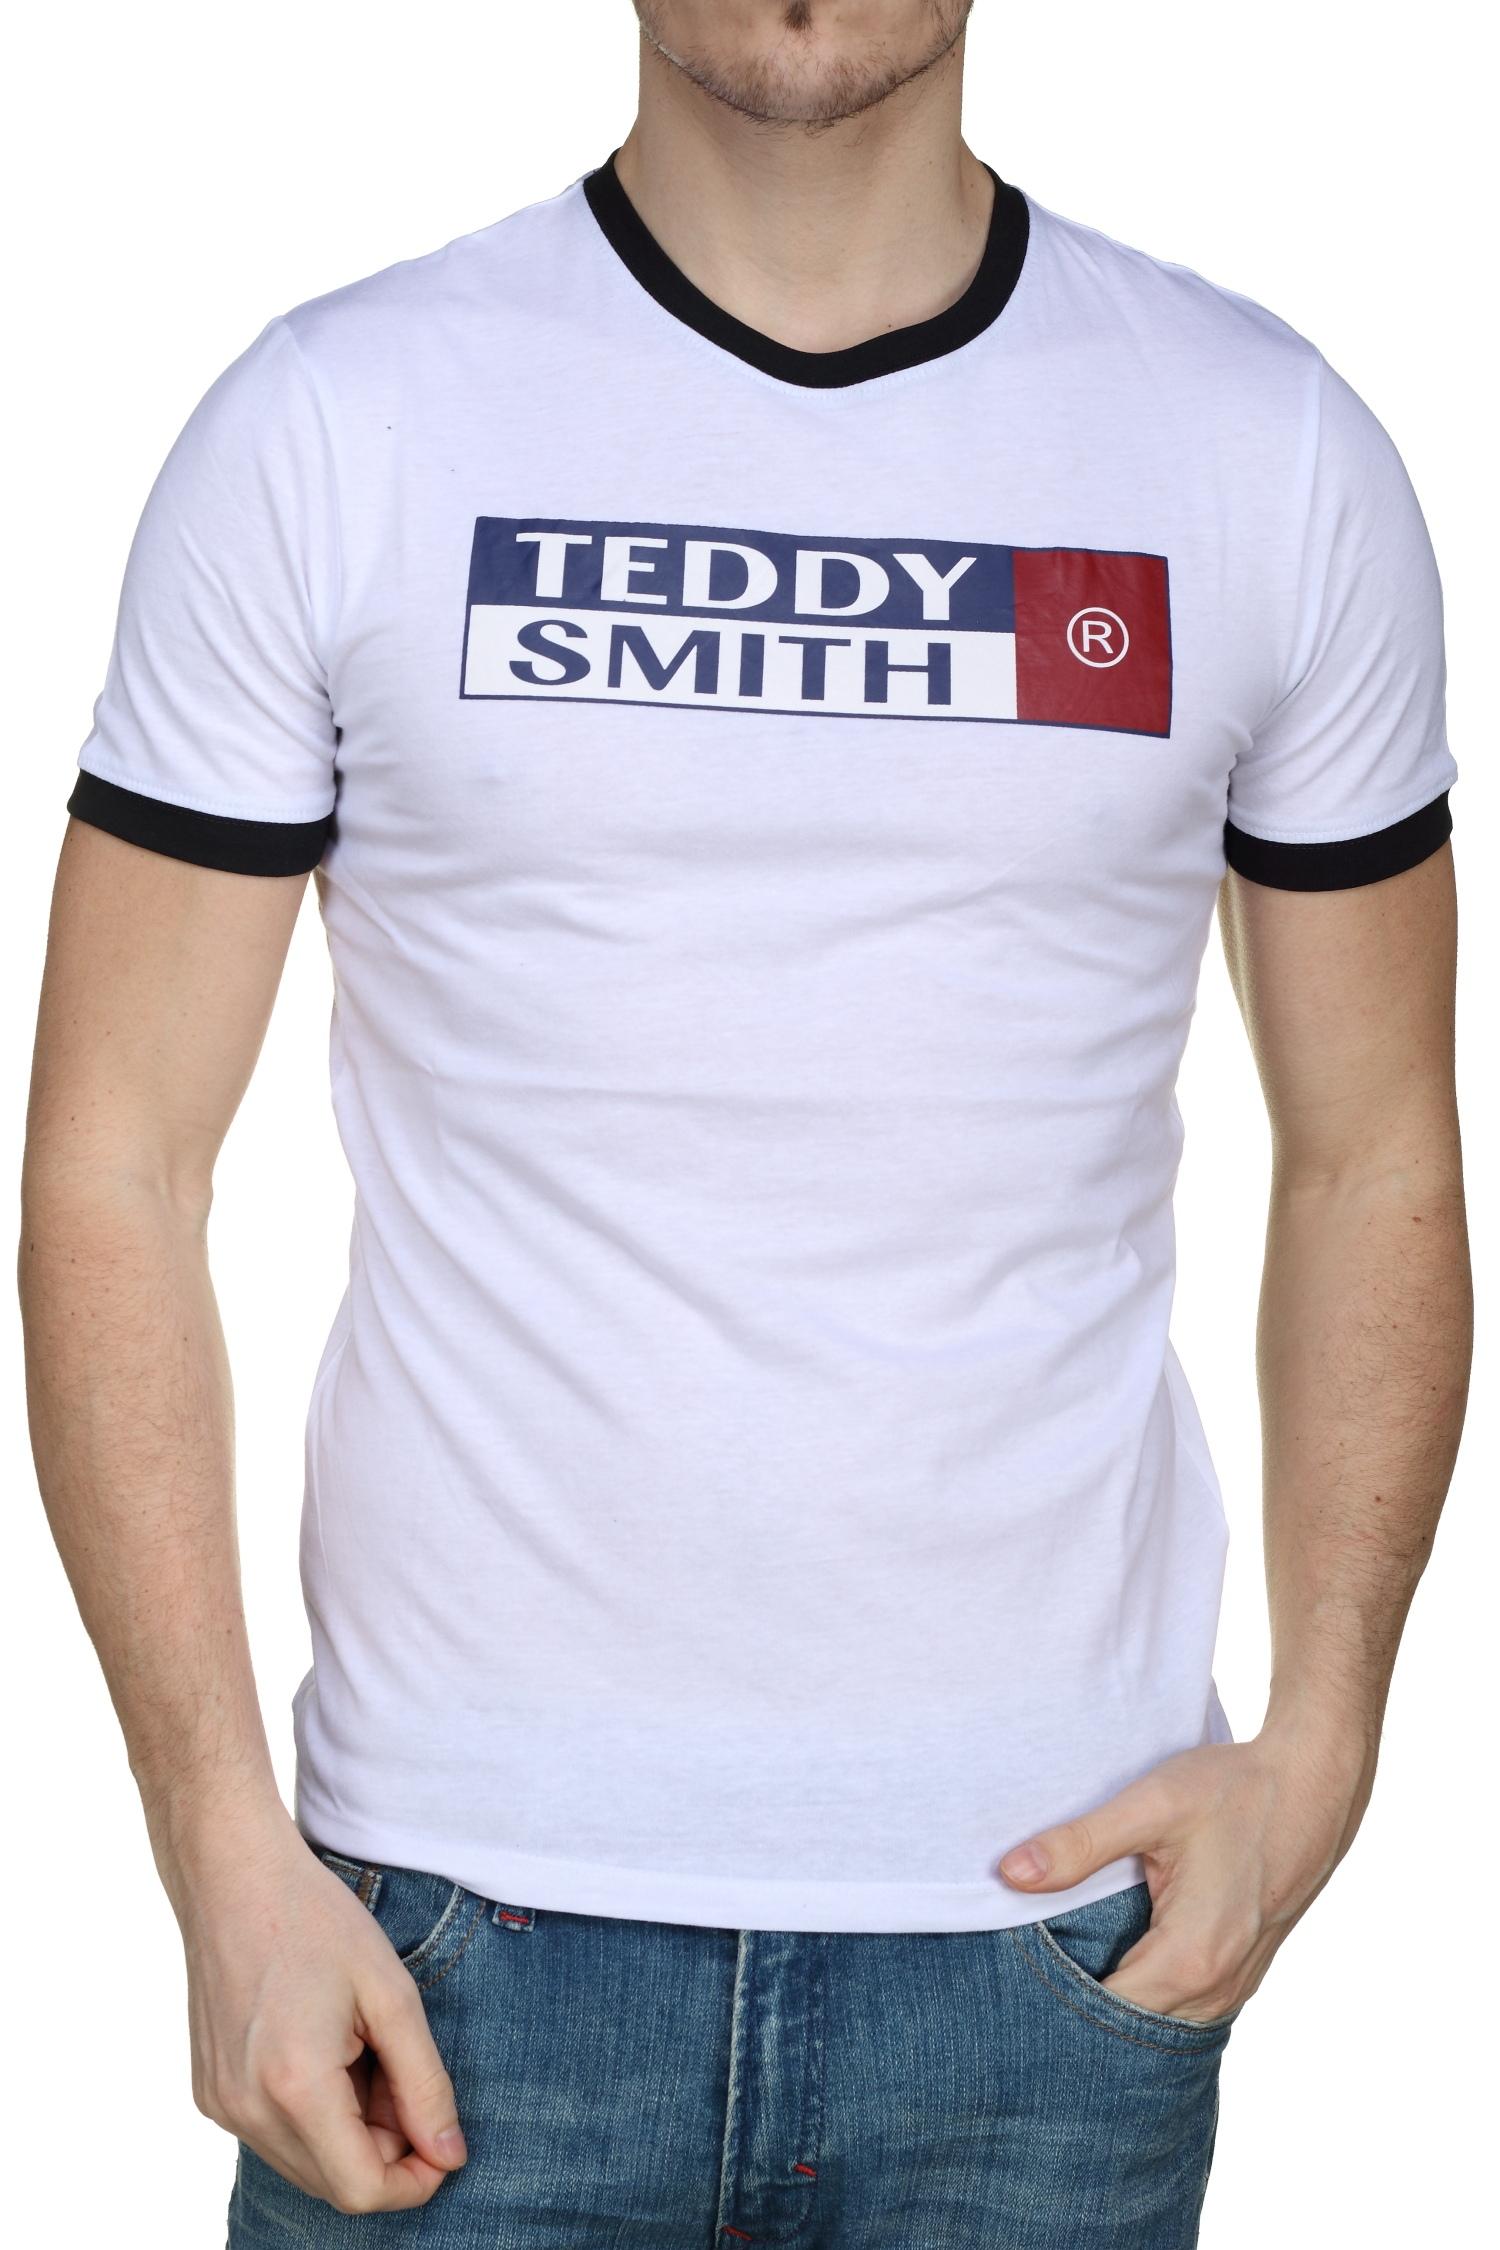 http://www.leadermode.com/163680/teddy-smith-tozo-mc-11013353d-202-blanc.jpg